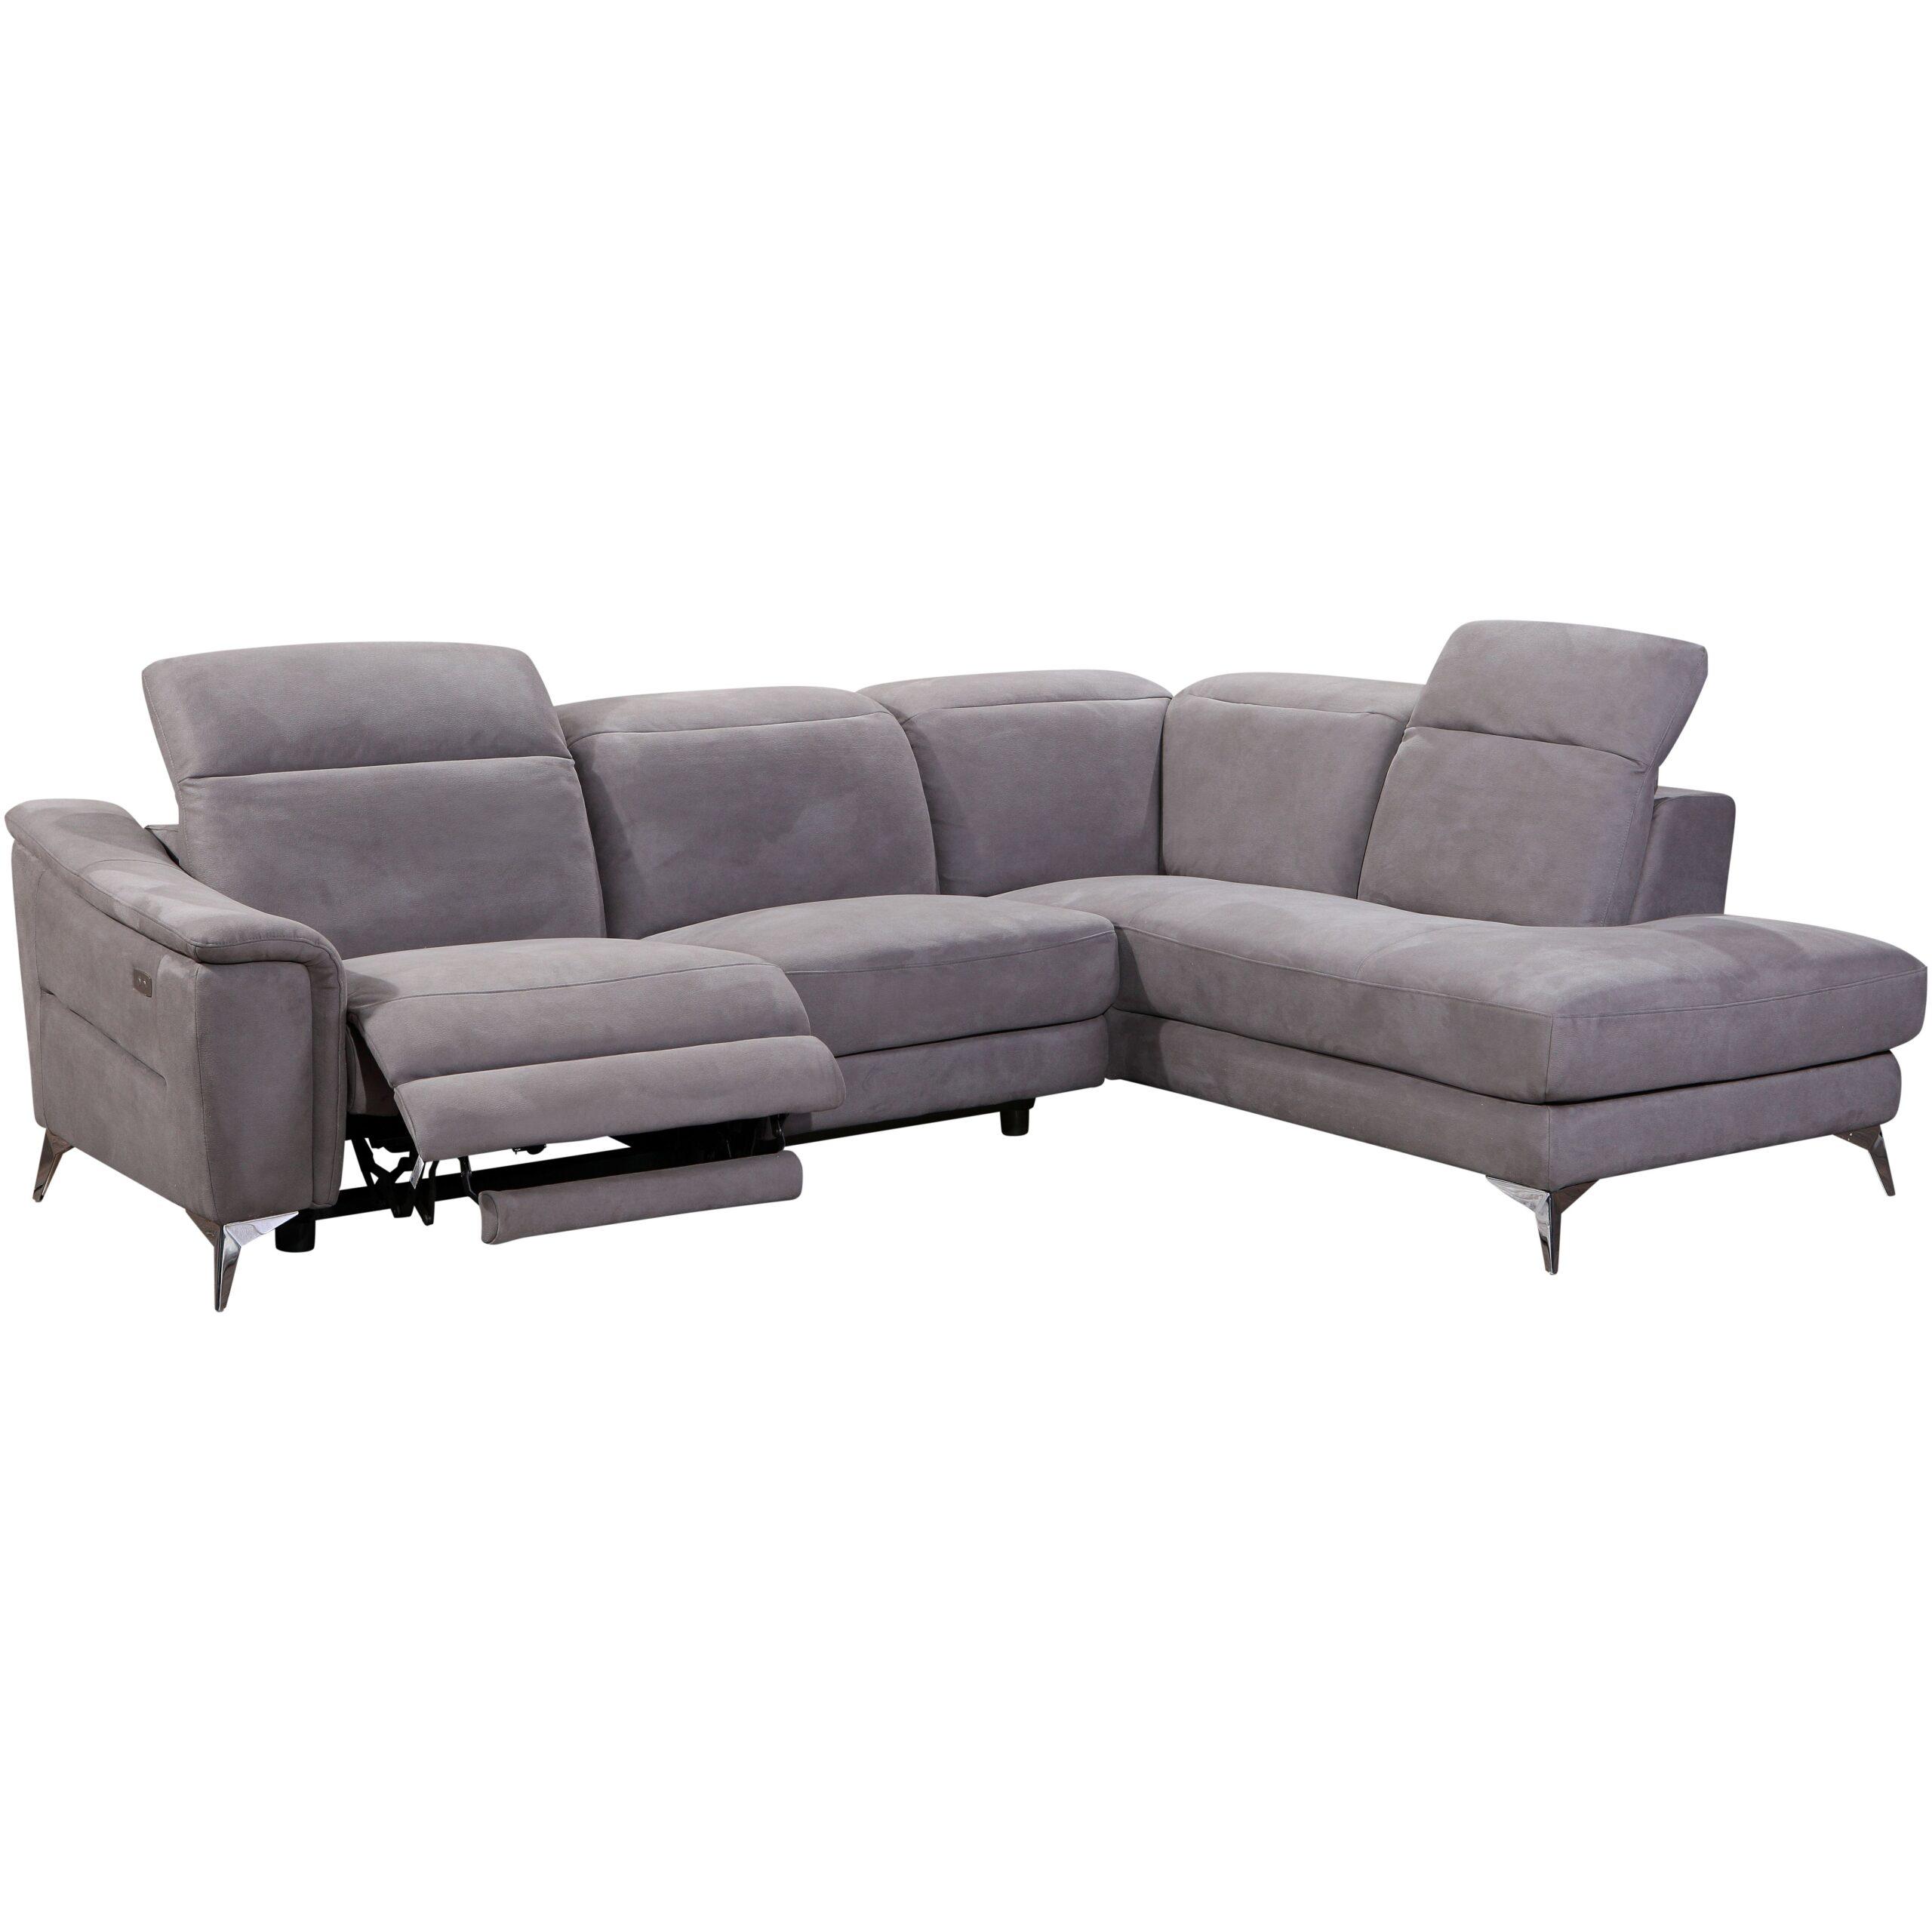 Full Size of Sofa Elektrisch Was Tun Wenn Aufgeladen Elektrische Relaxfunktion Verstellbar Ist Statisch Aufgeladen Was Warum Mein Geladen Mit Elektrischer Sofa Sofa Elektrisch